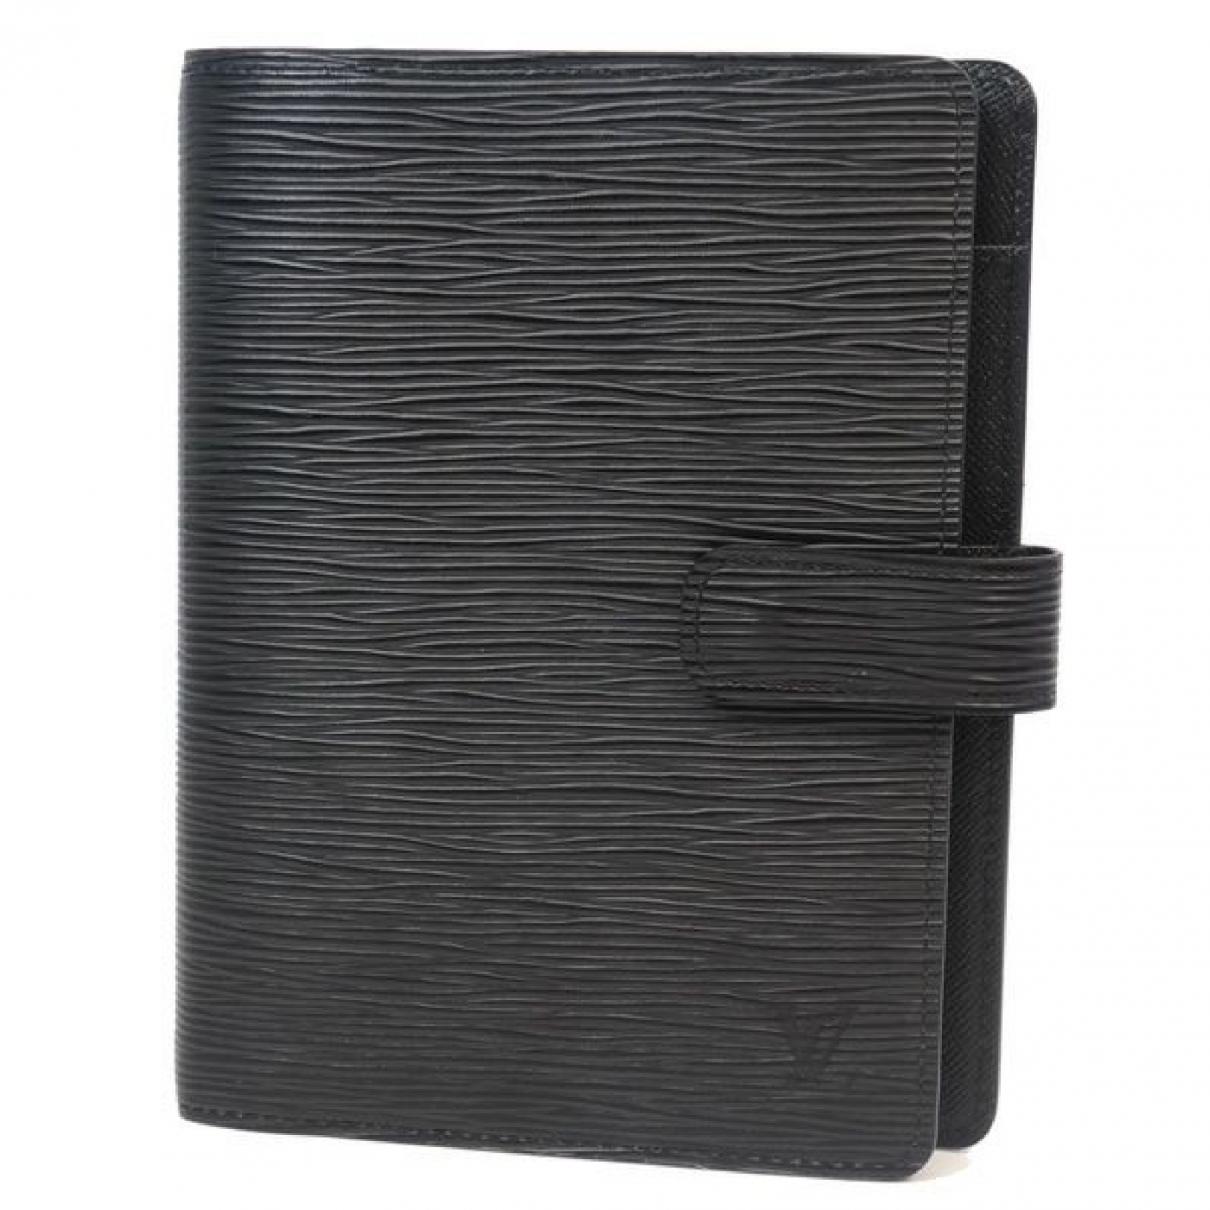 Louis Vuitton - Linge de maison   pour lifestyle en cuir - noir